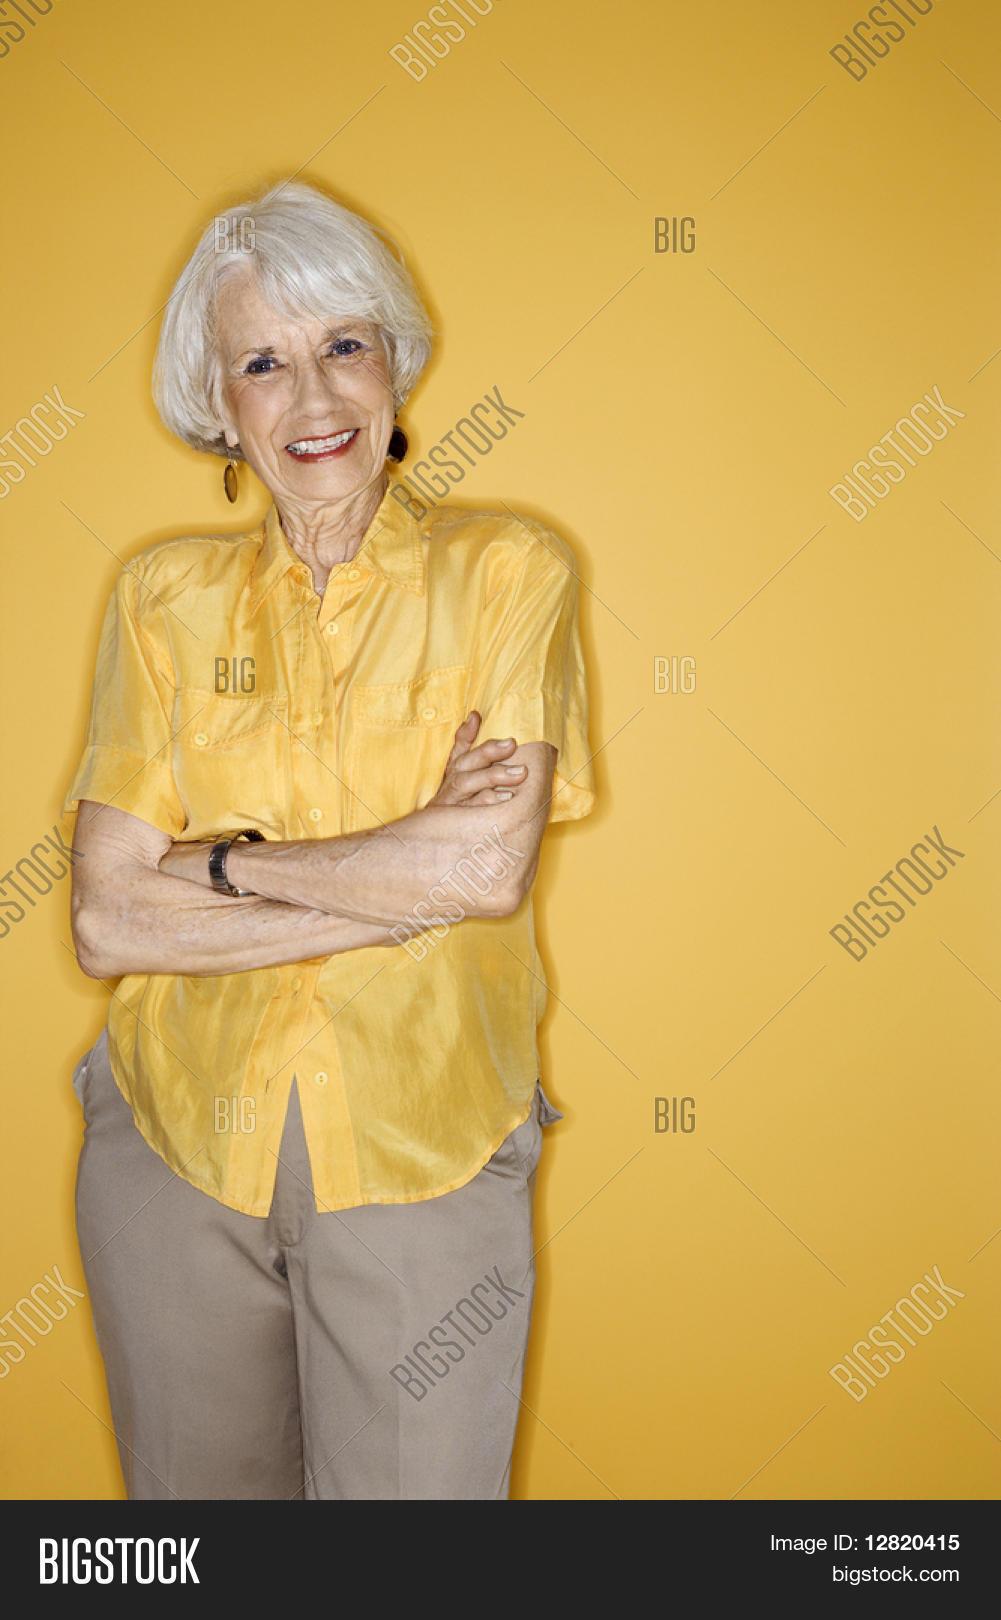 Caucasian mature adult female standing smiling.